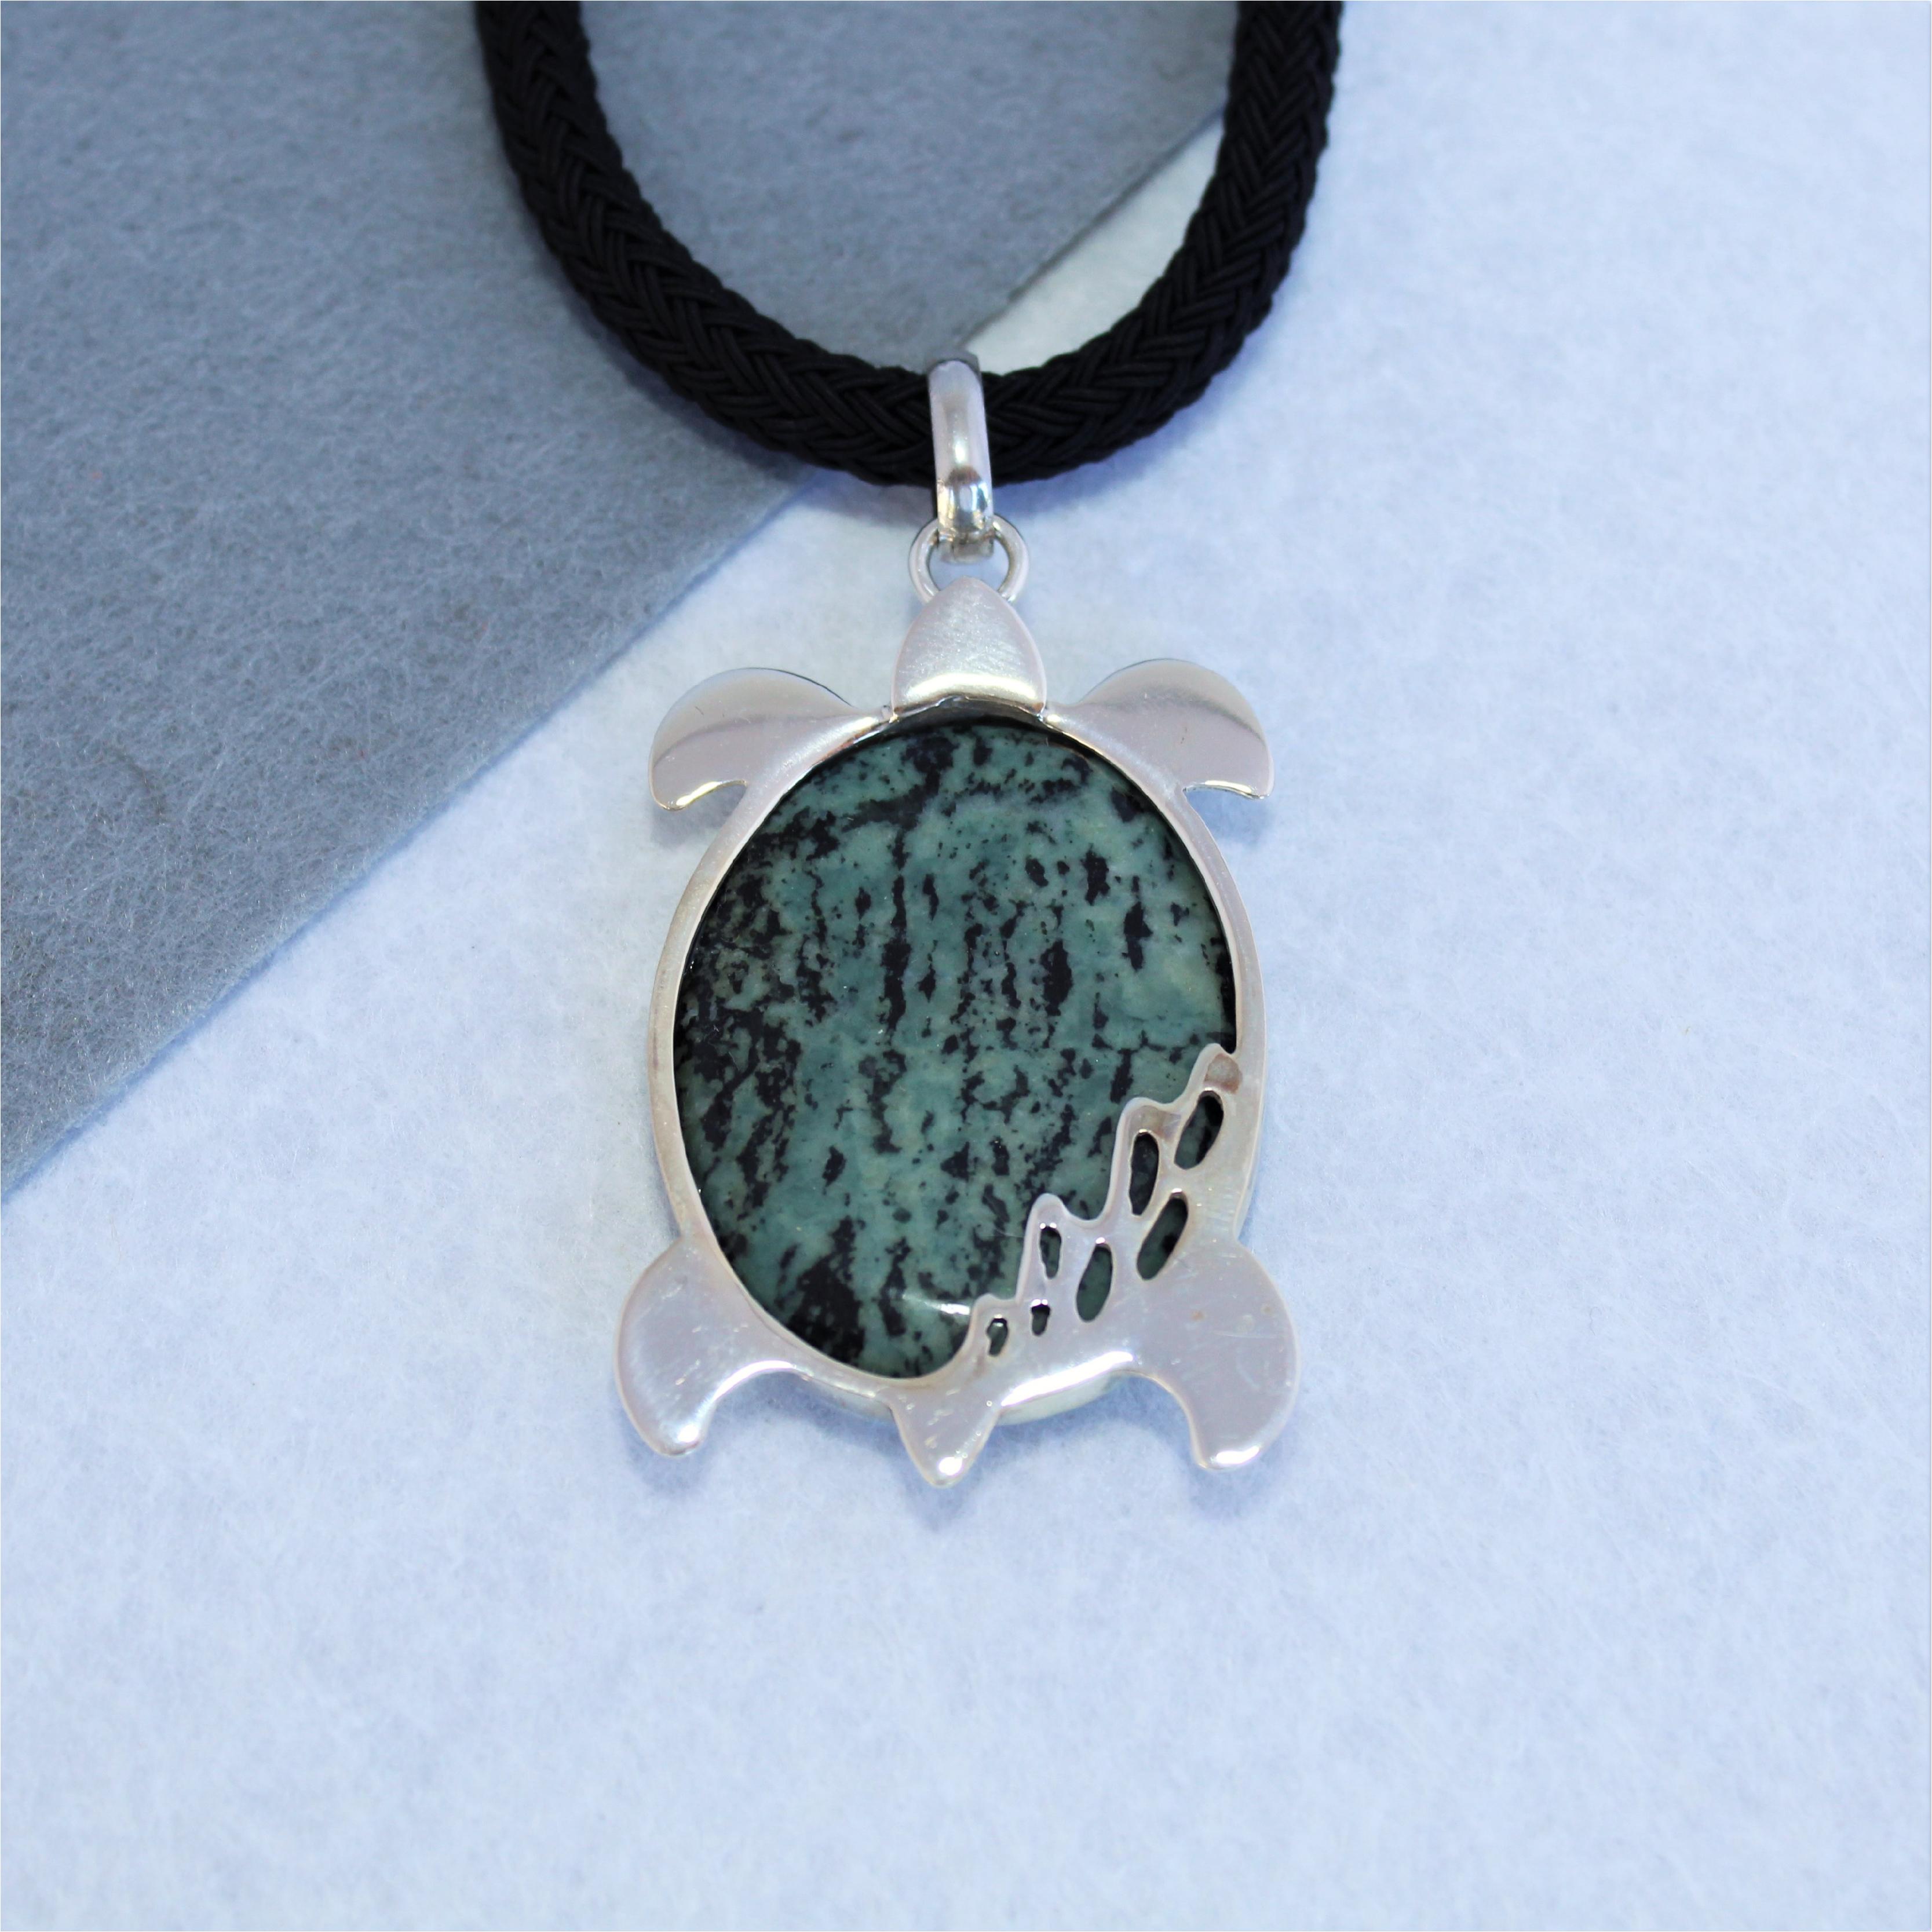 Colgante tortuga realizado en plata de ley 925 y jaspe verde. Exclusivo de Quela. Pieza única